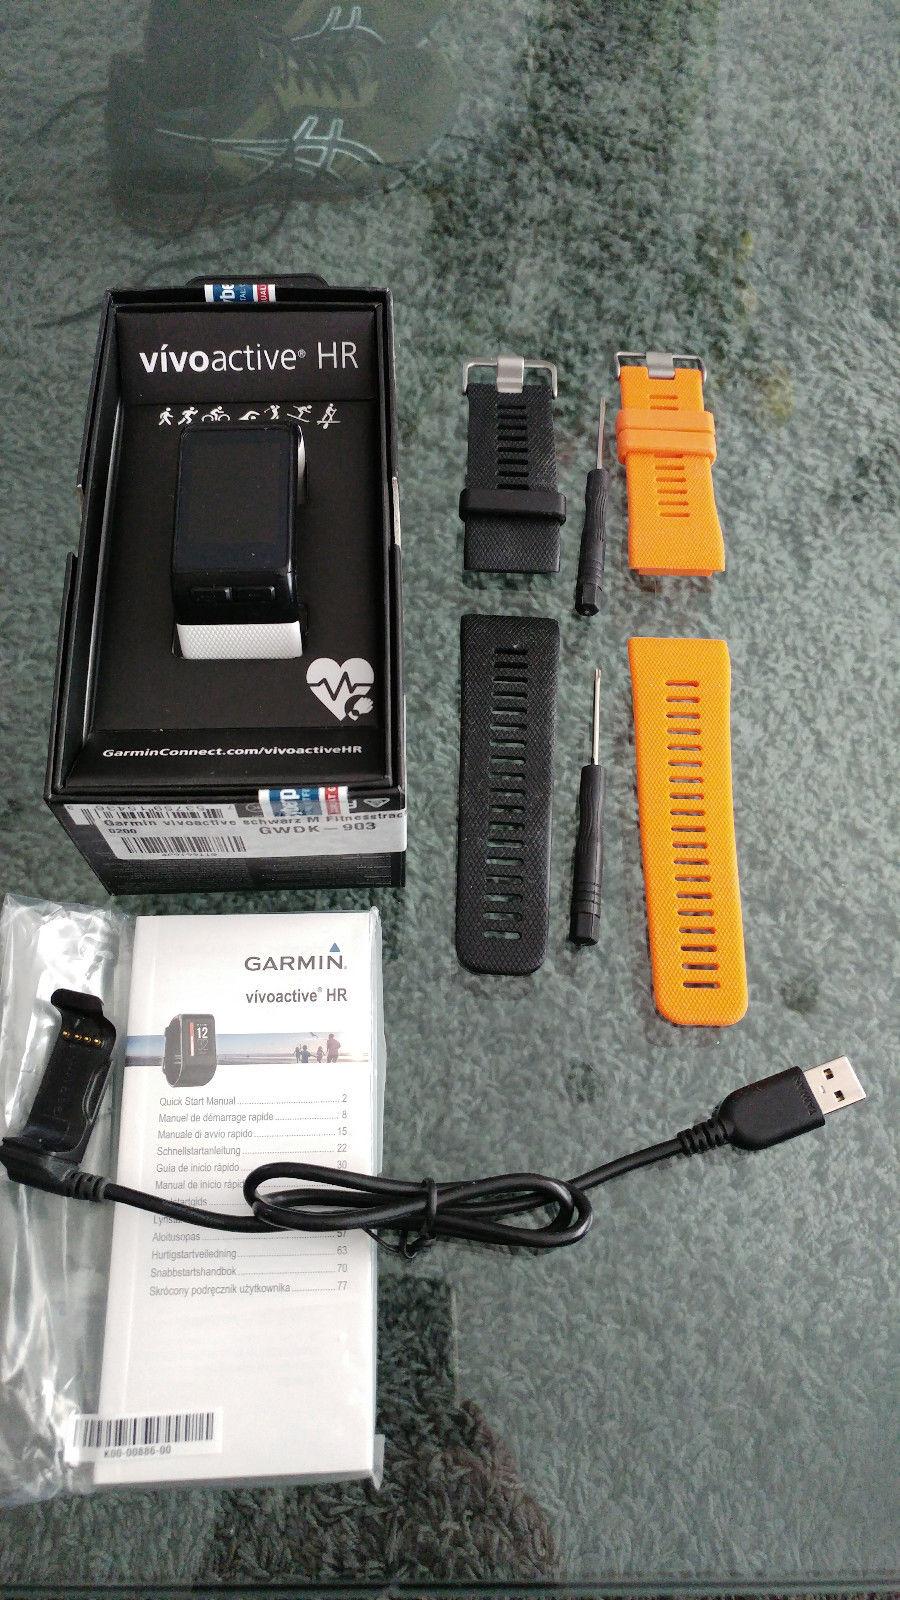 GPS Sportuhr Garmin vivoactive HR inkl. 3 Armbänder in schwarz, weiß und orange